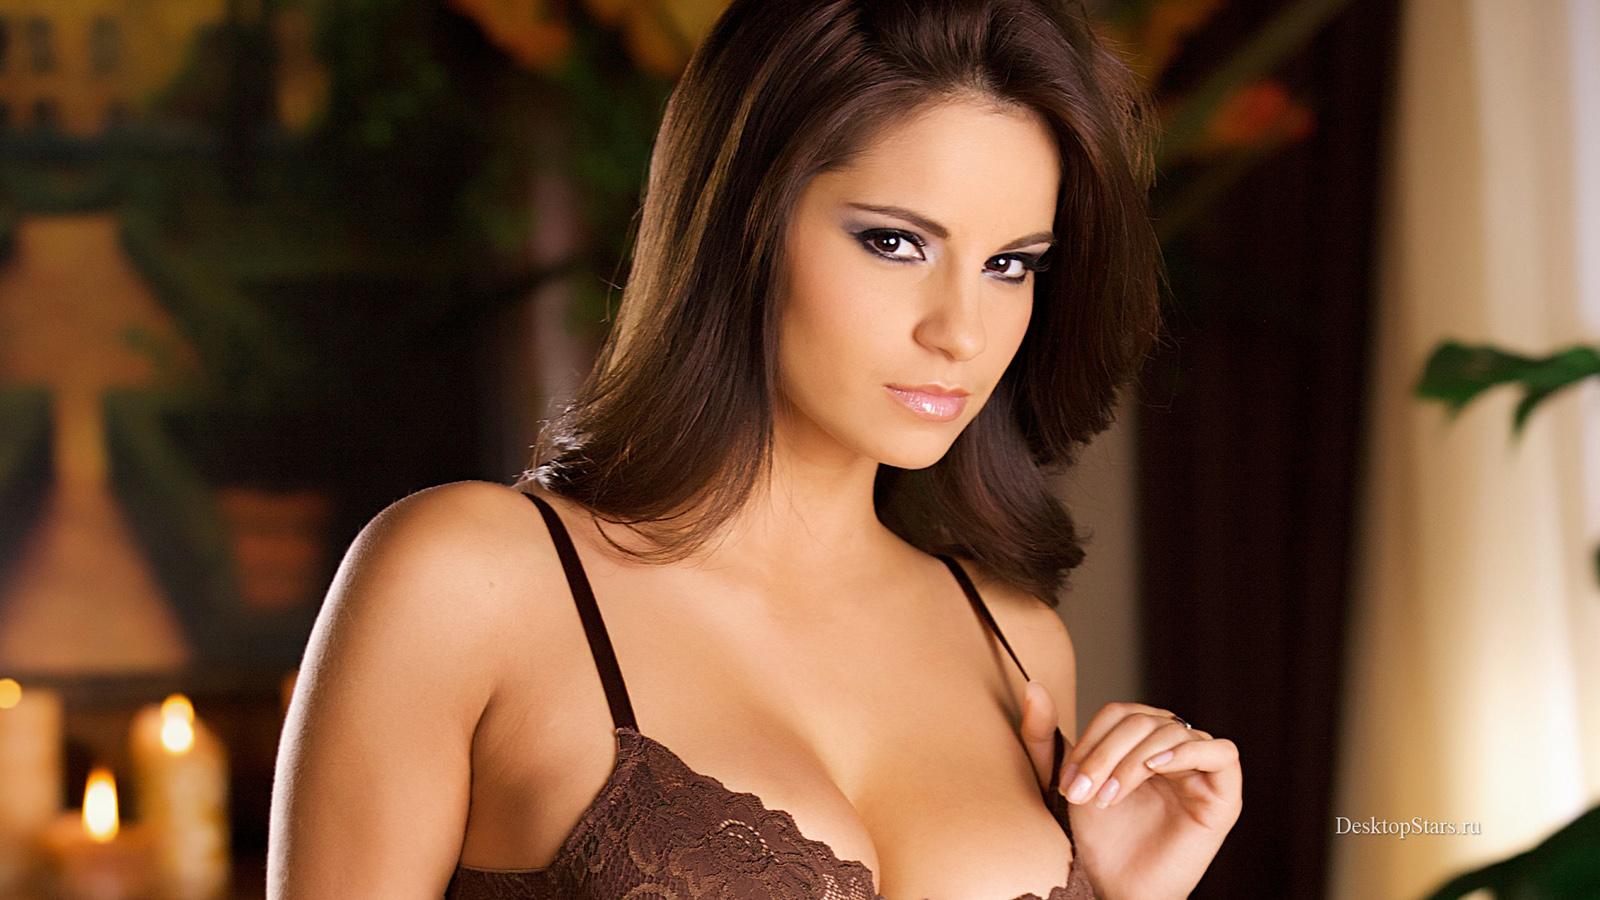 Nude mature women anal sex